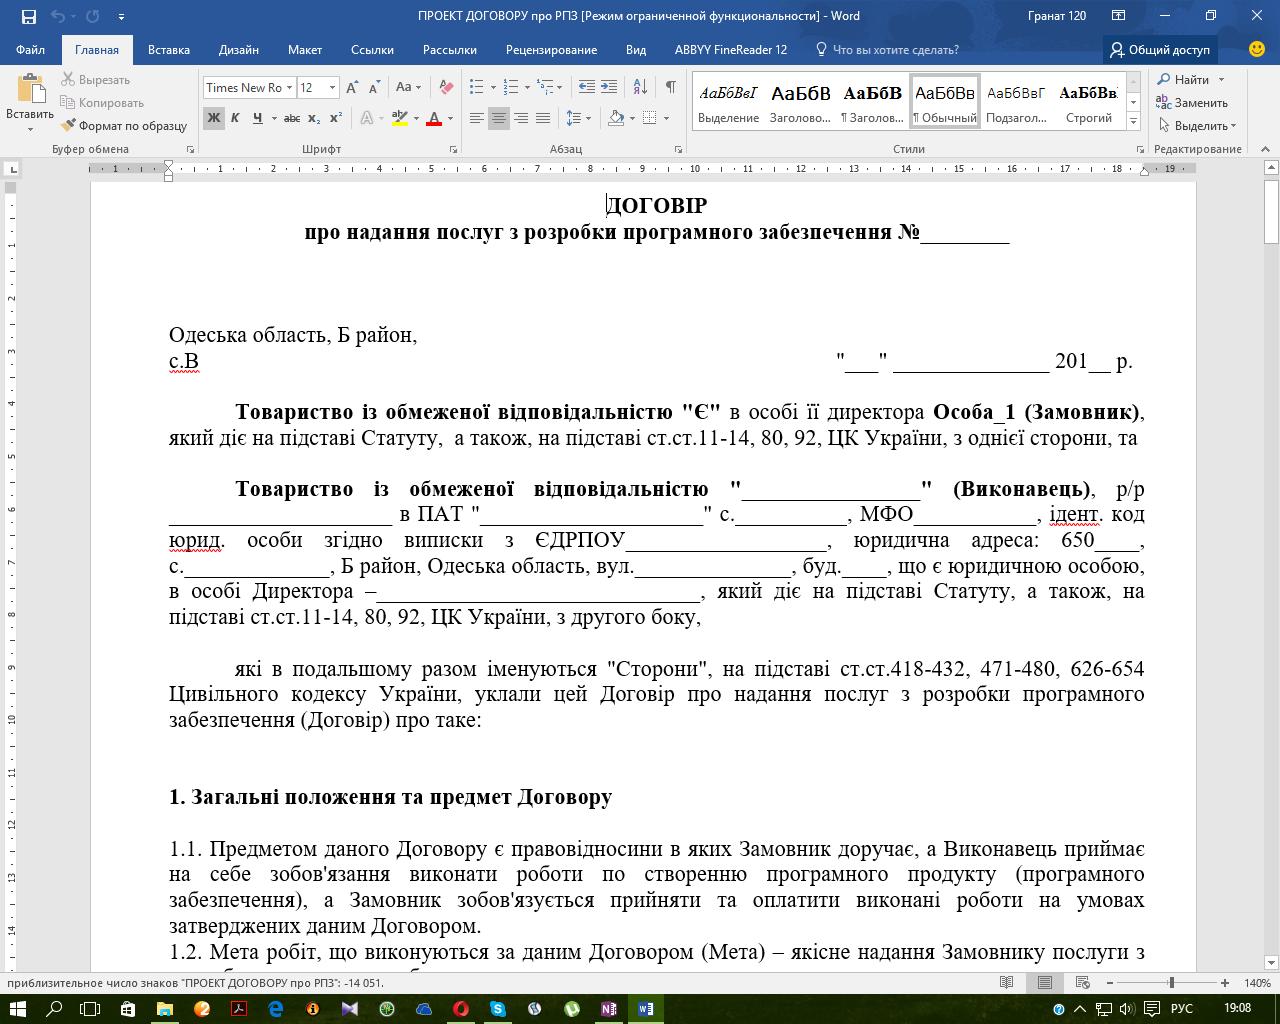 Фото Договор о предоставлении услуг на разработку программного обеспечения  1